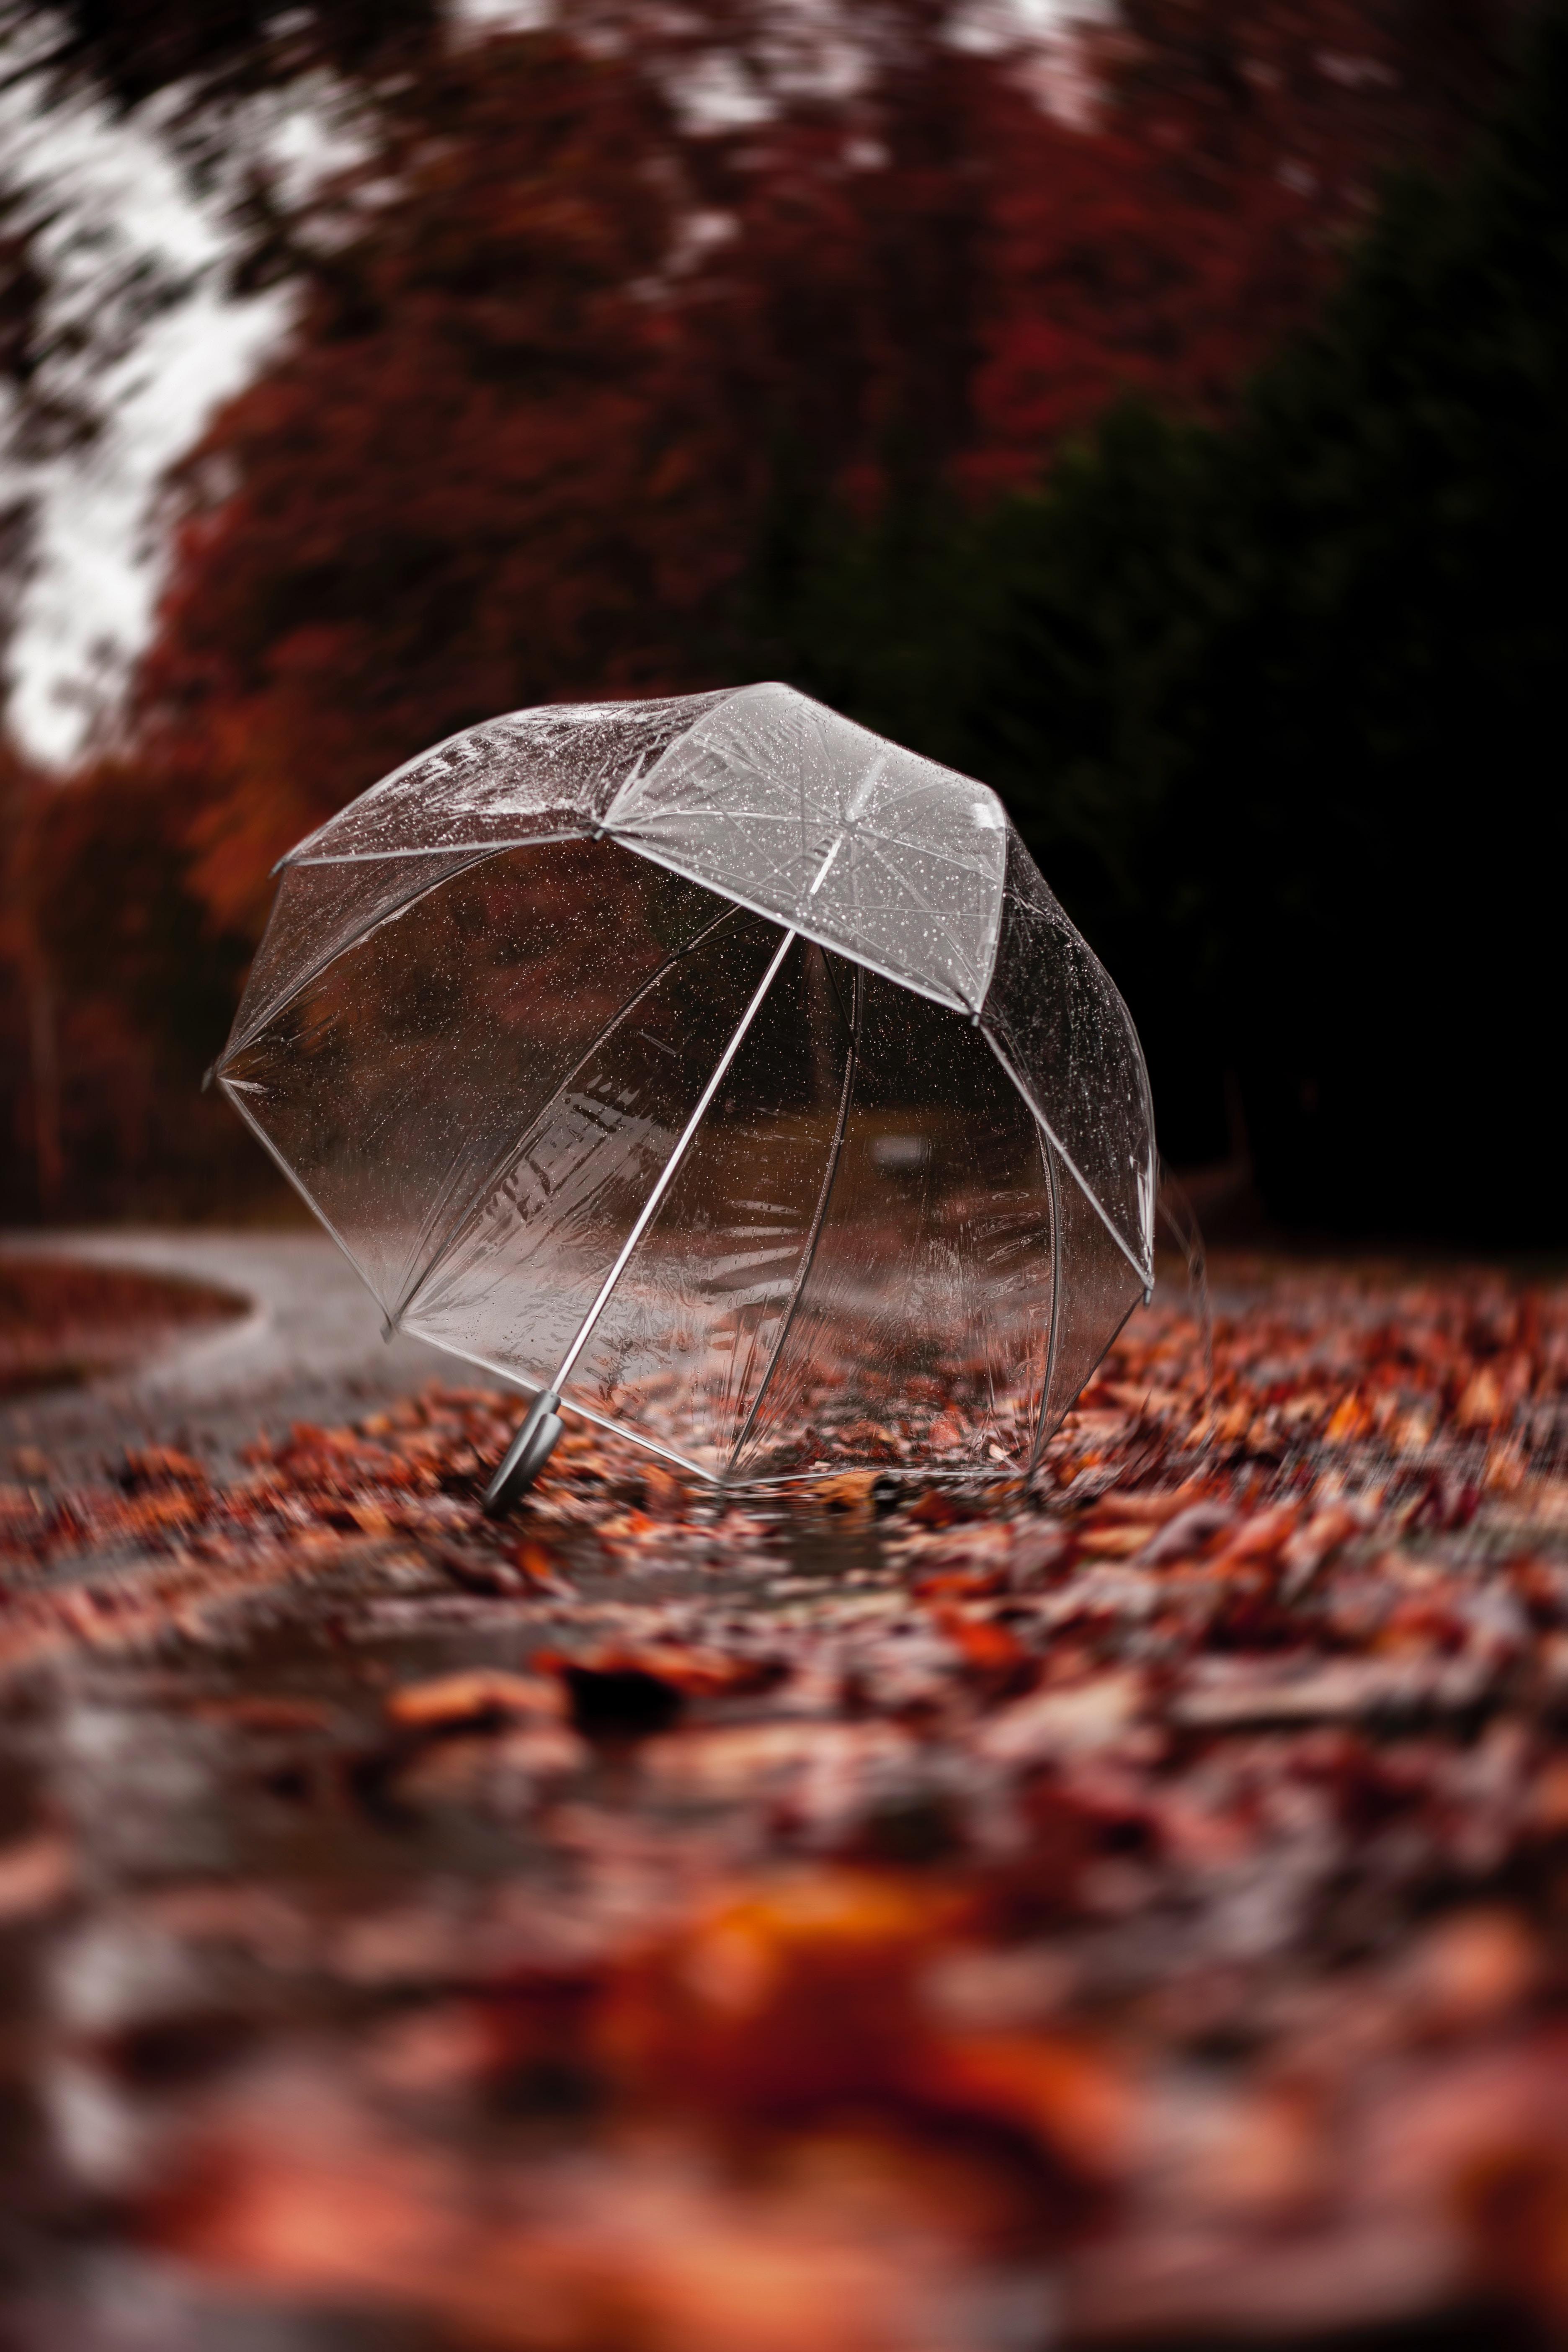 58270 Заставки и Обои Осень на телефон. Скачать Осень, Разное, Листва, Дождь, Зонт картинки бесплатно